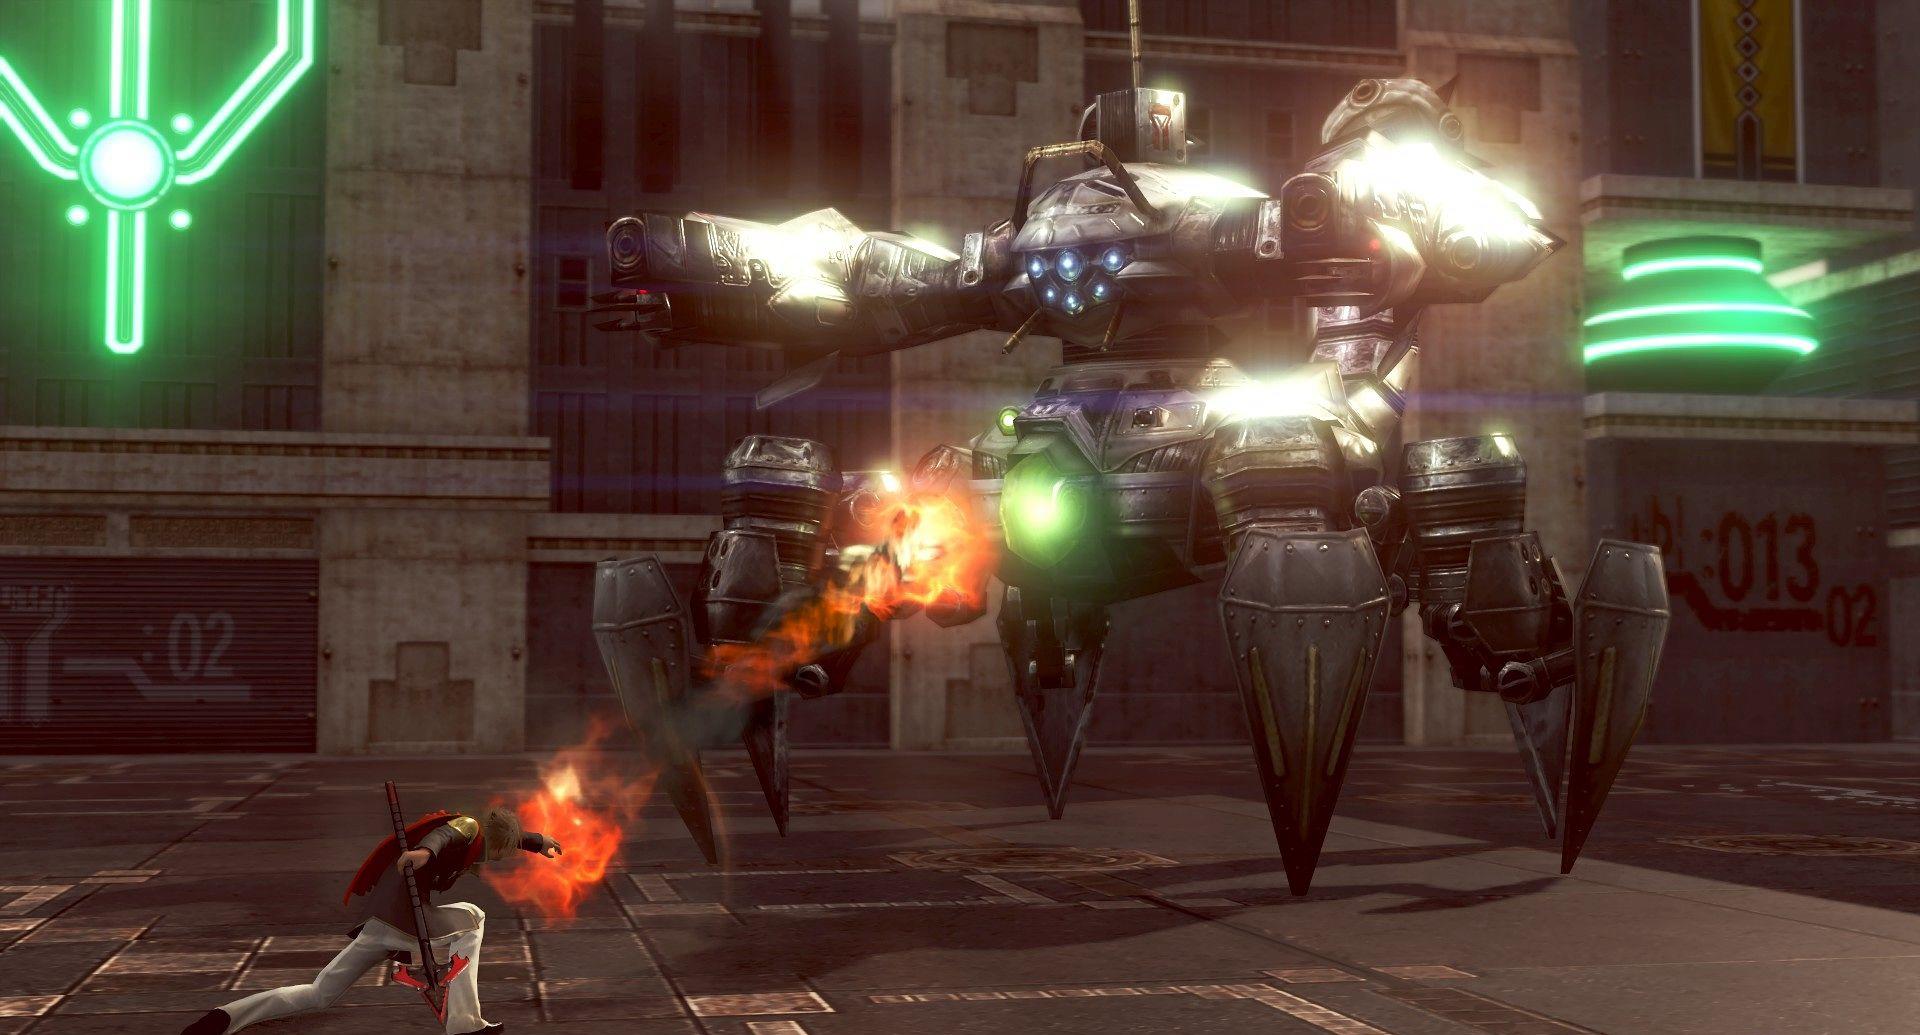 最终幻想:零式HD截图7